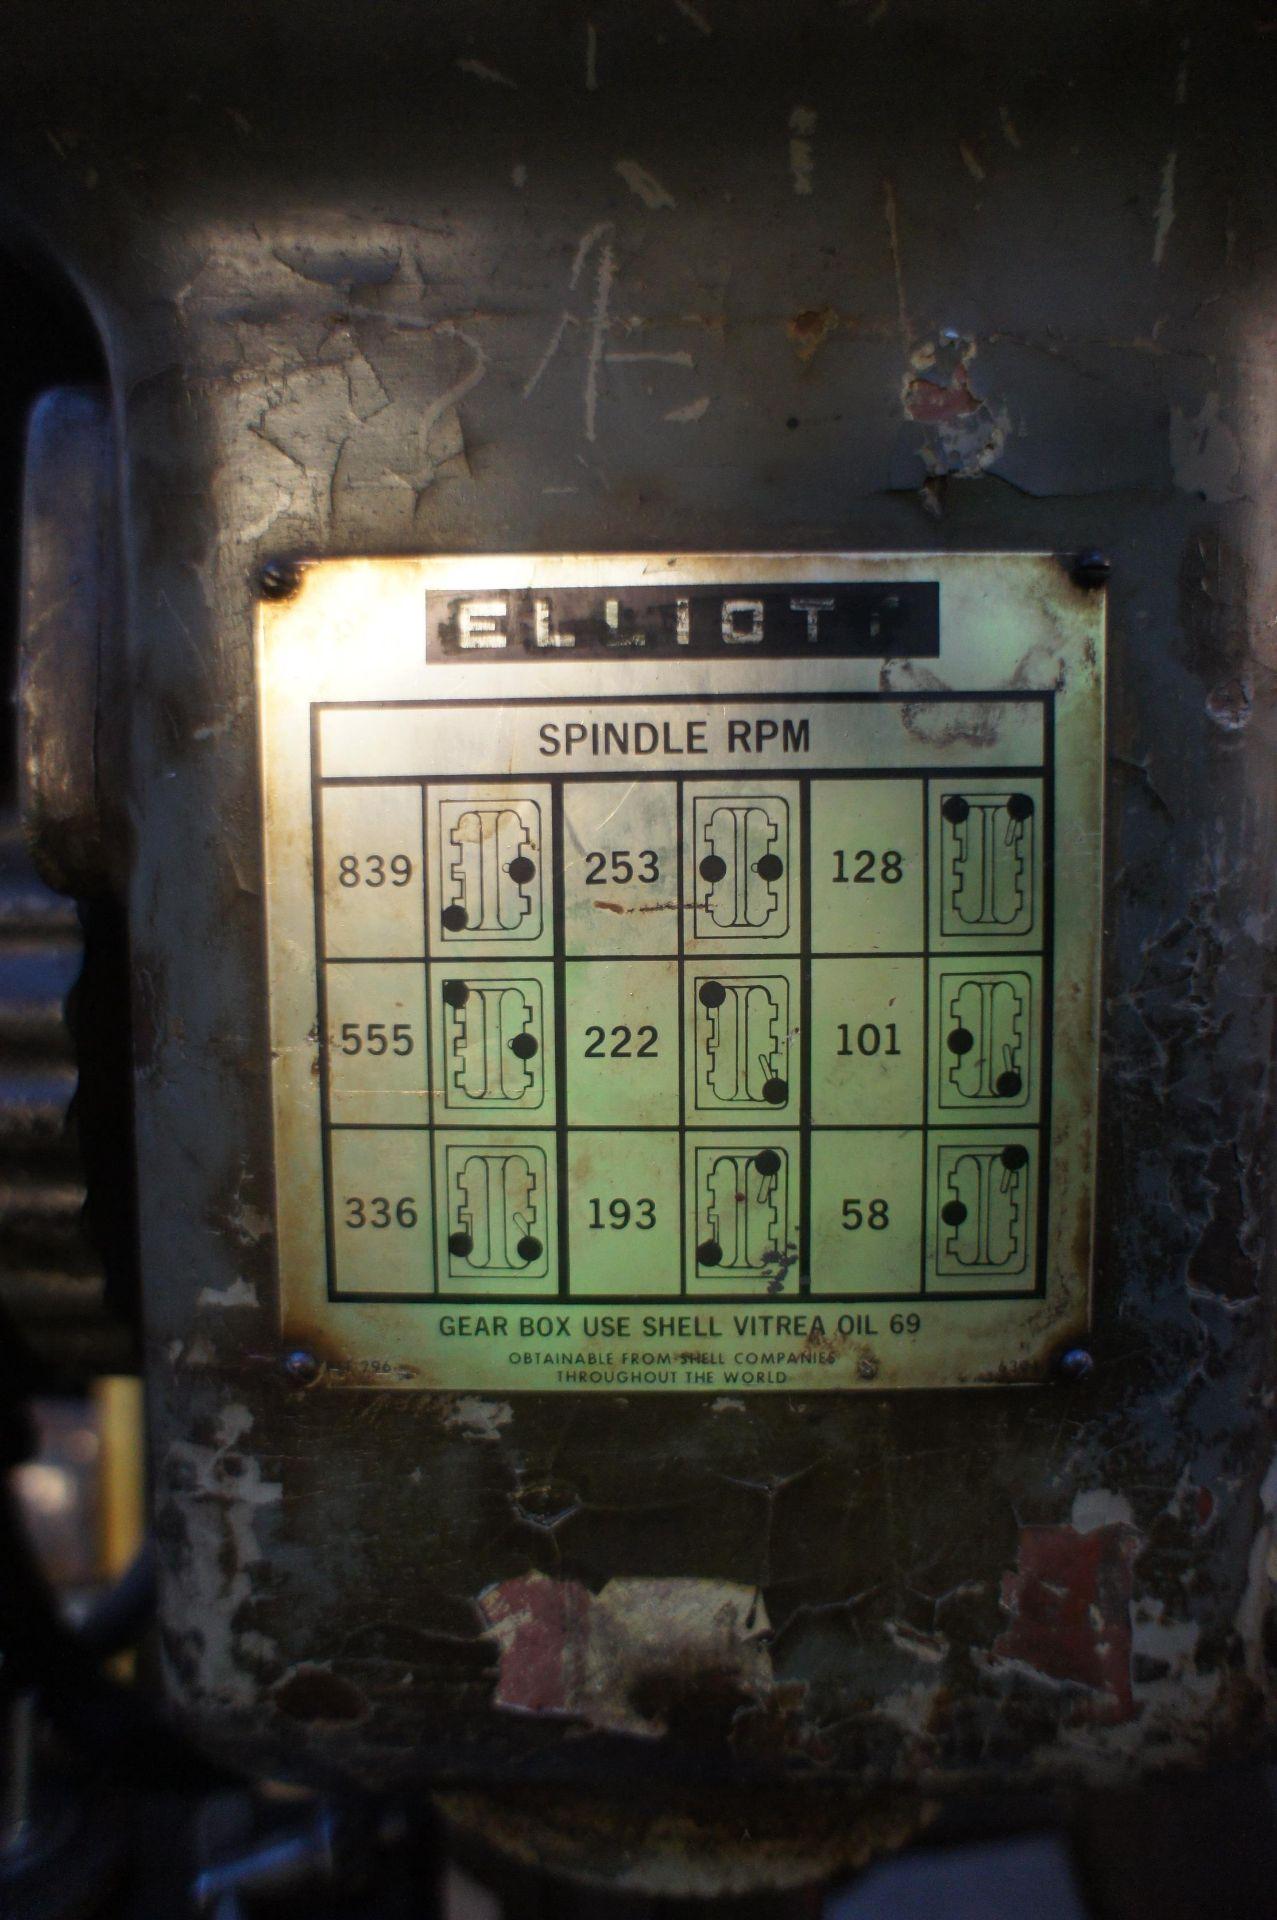 Elliot 5E Heavy Duty Pillar Drill, 415v - Image 6 of 6